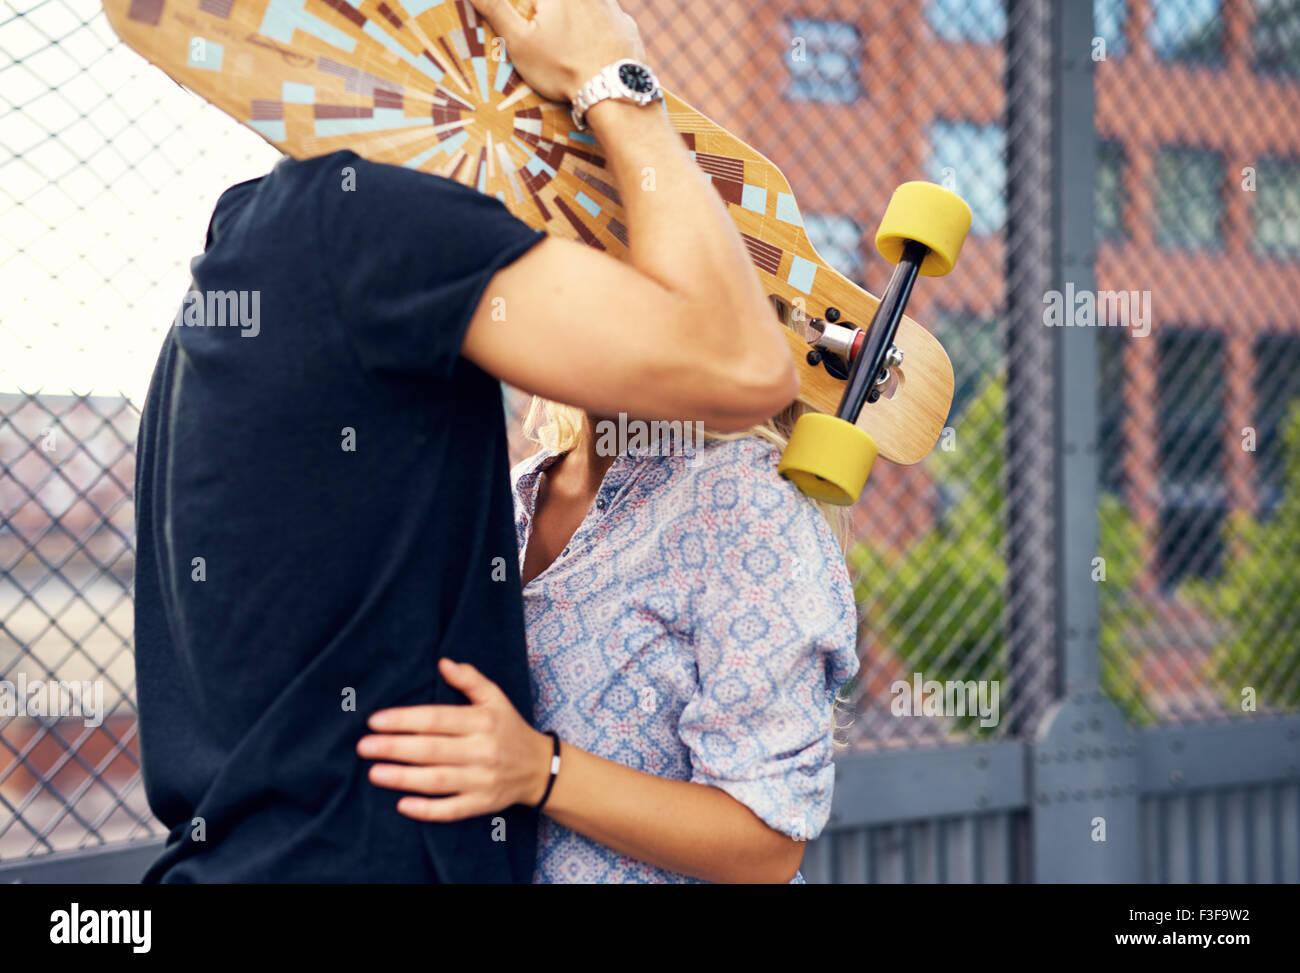 Accarezzando giovane nascondersi dietro lo skateboard e baciare Immagini Stock